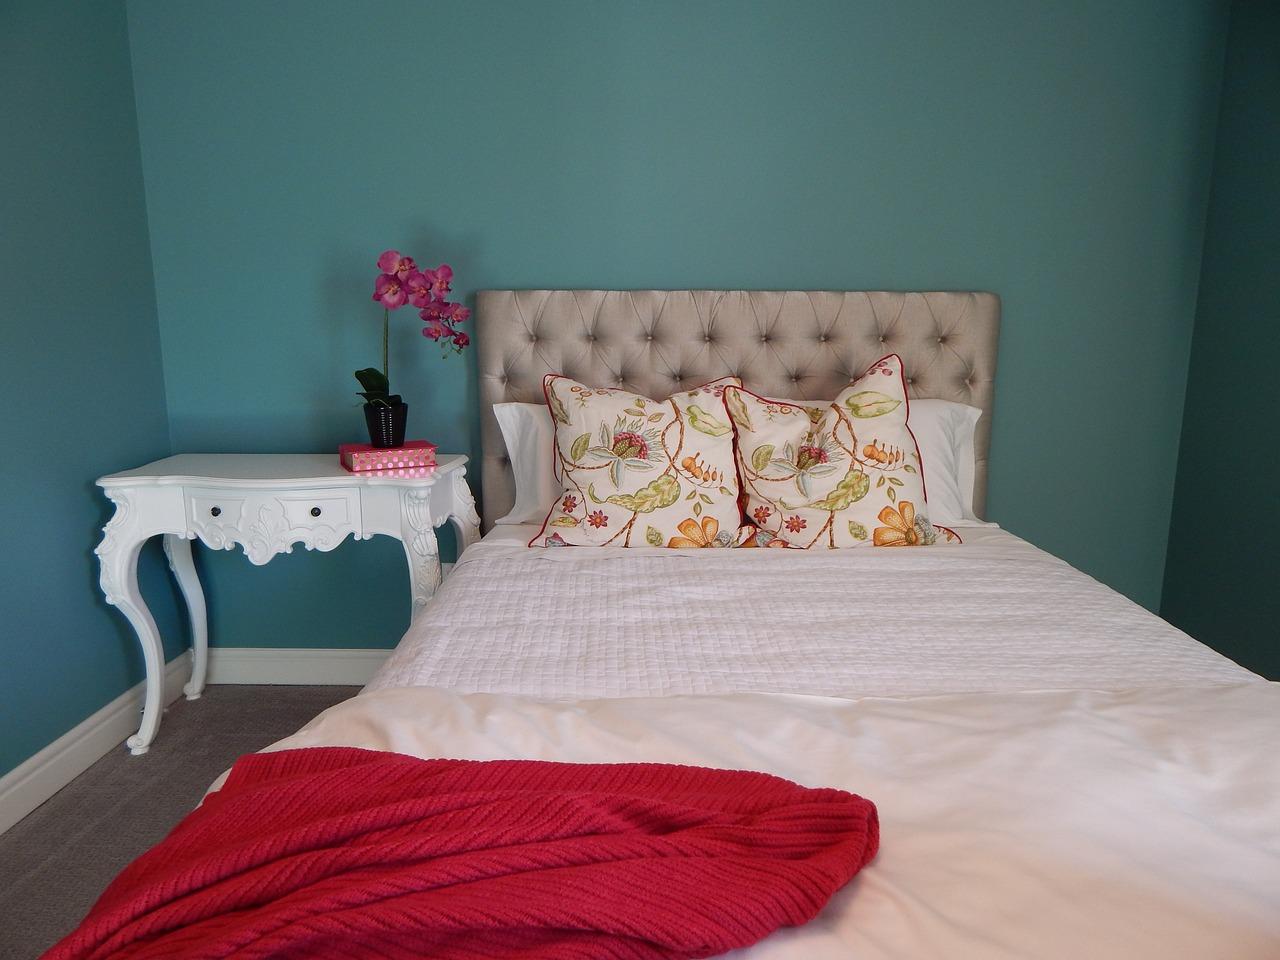 Image 3 - Bedroom